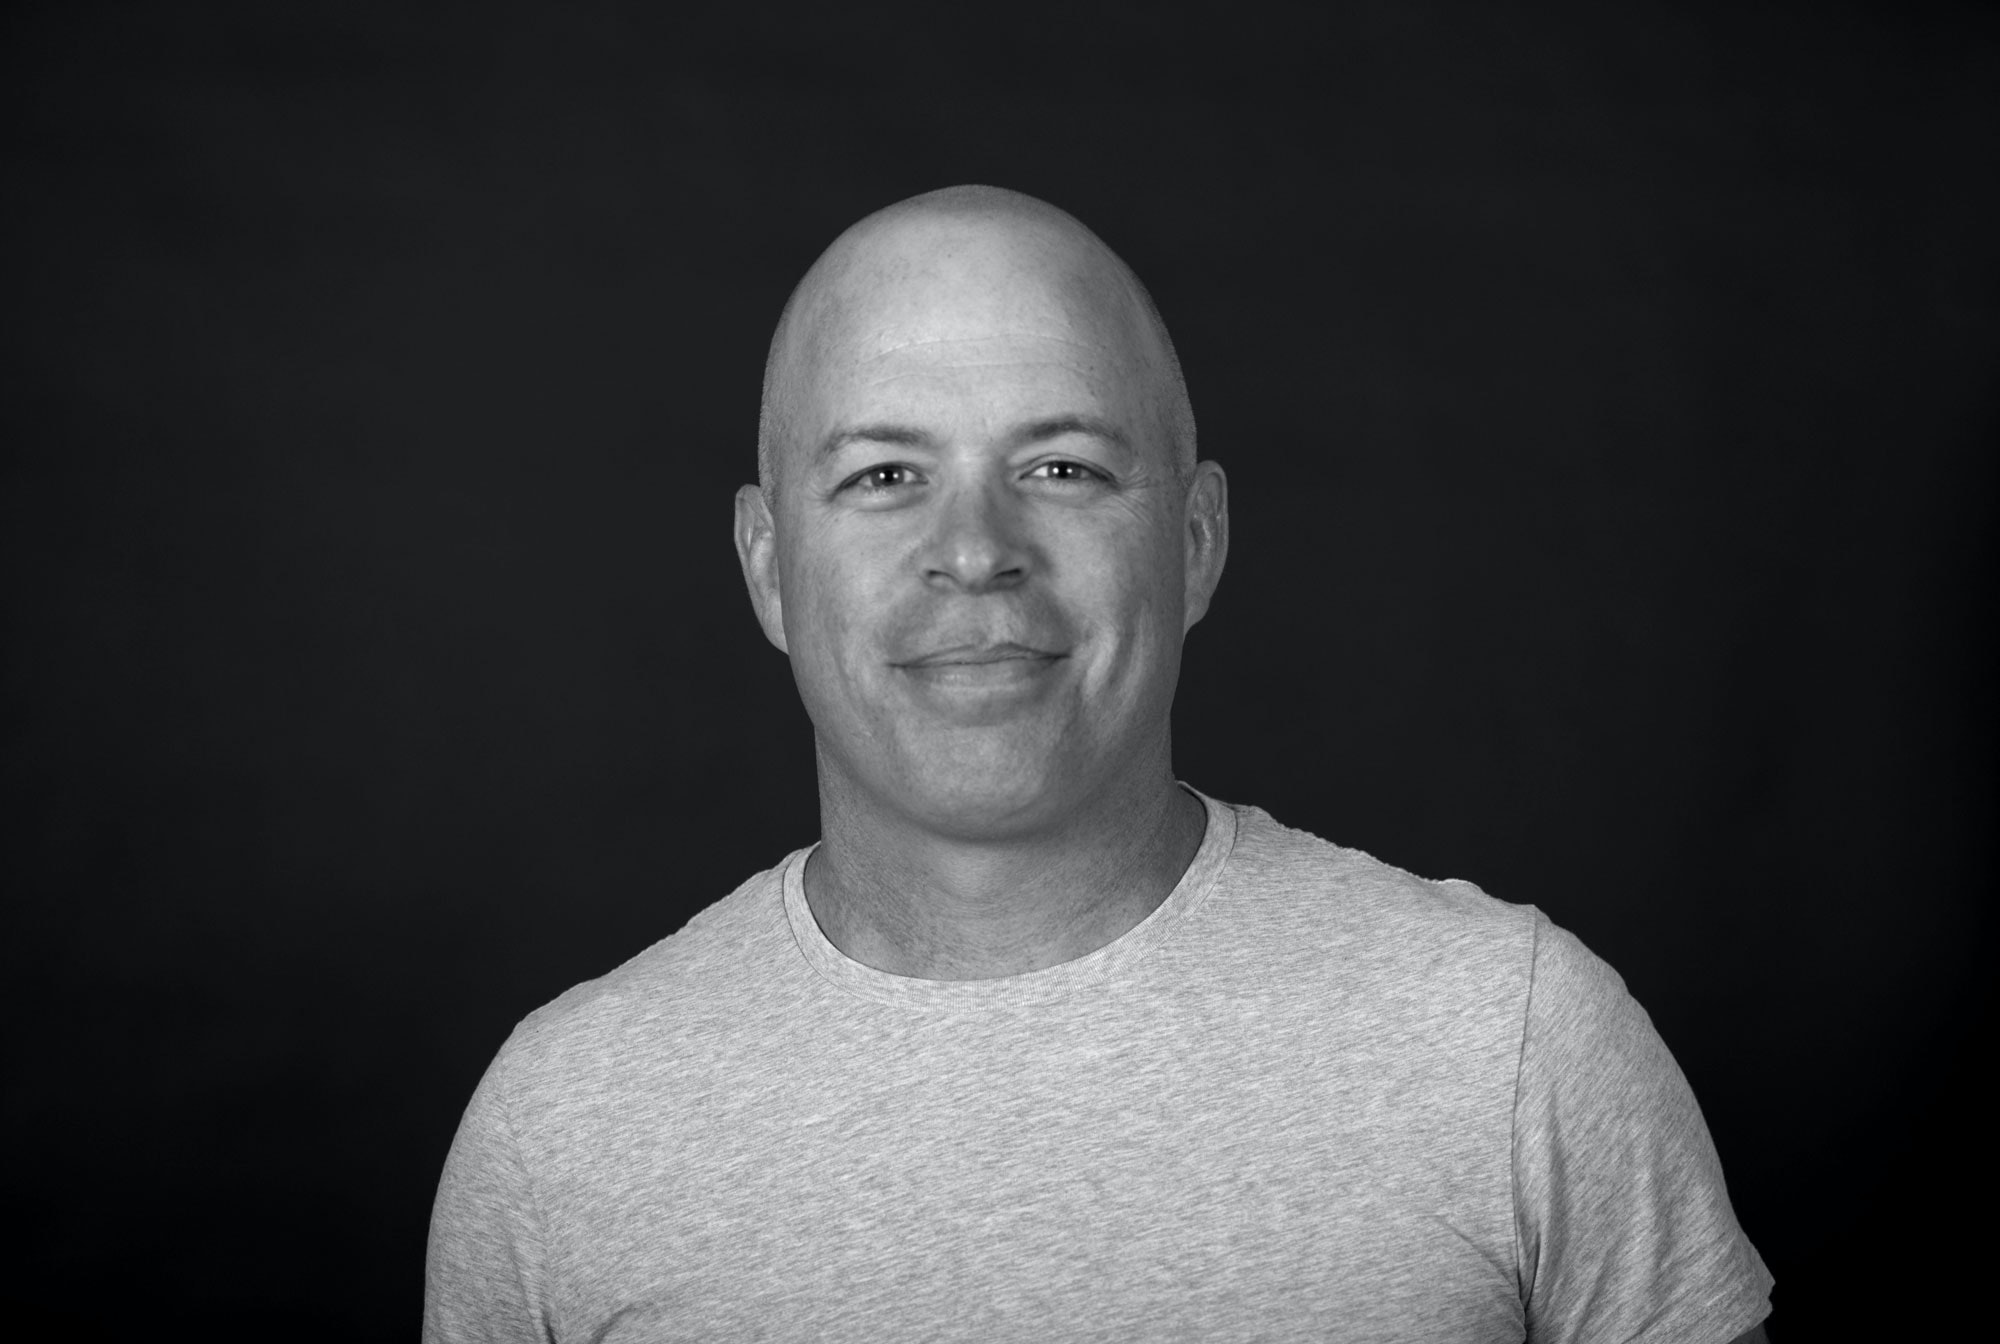 Go to Steven Foster's profile